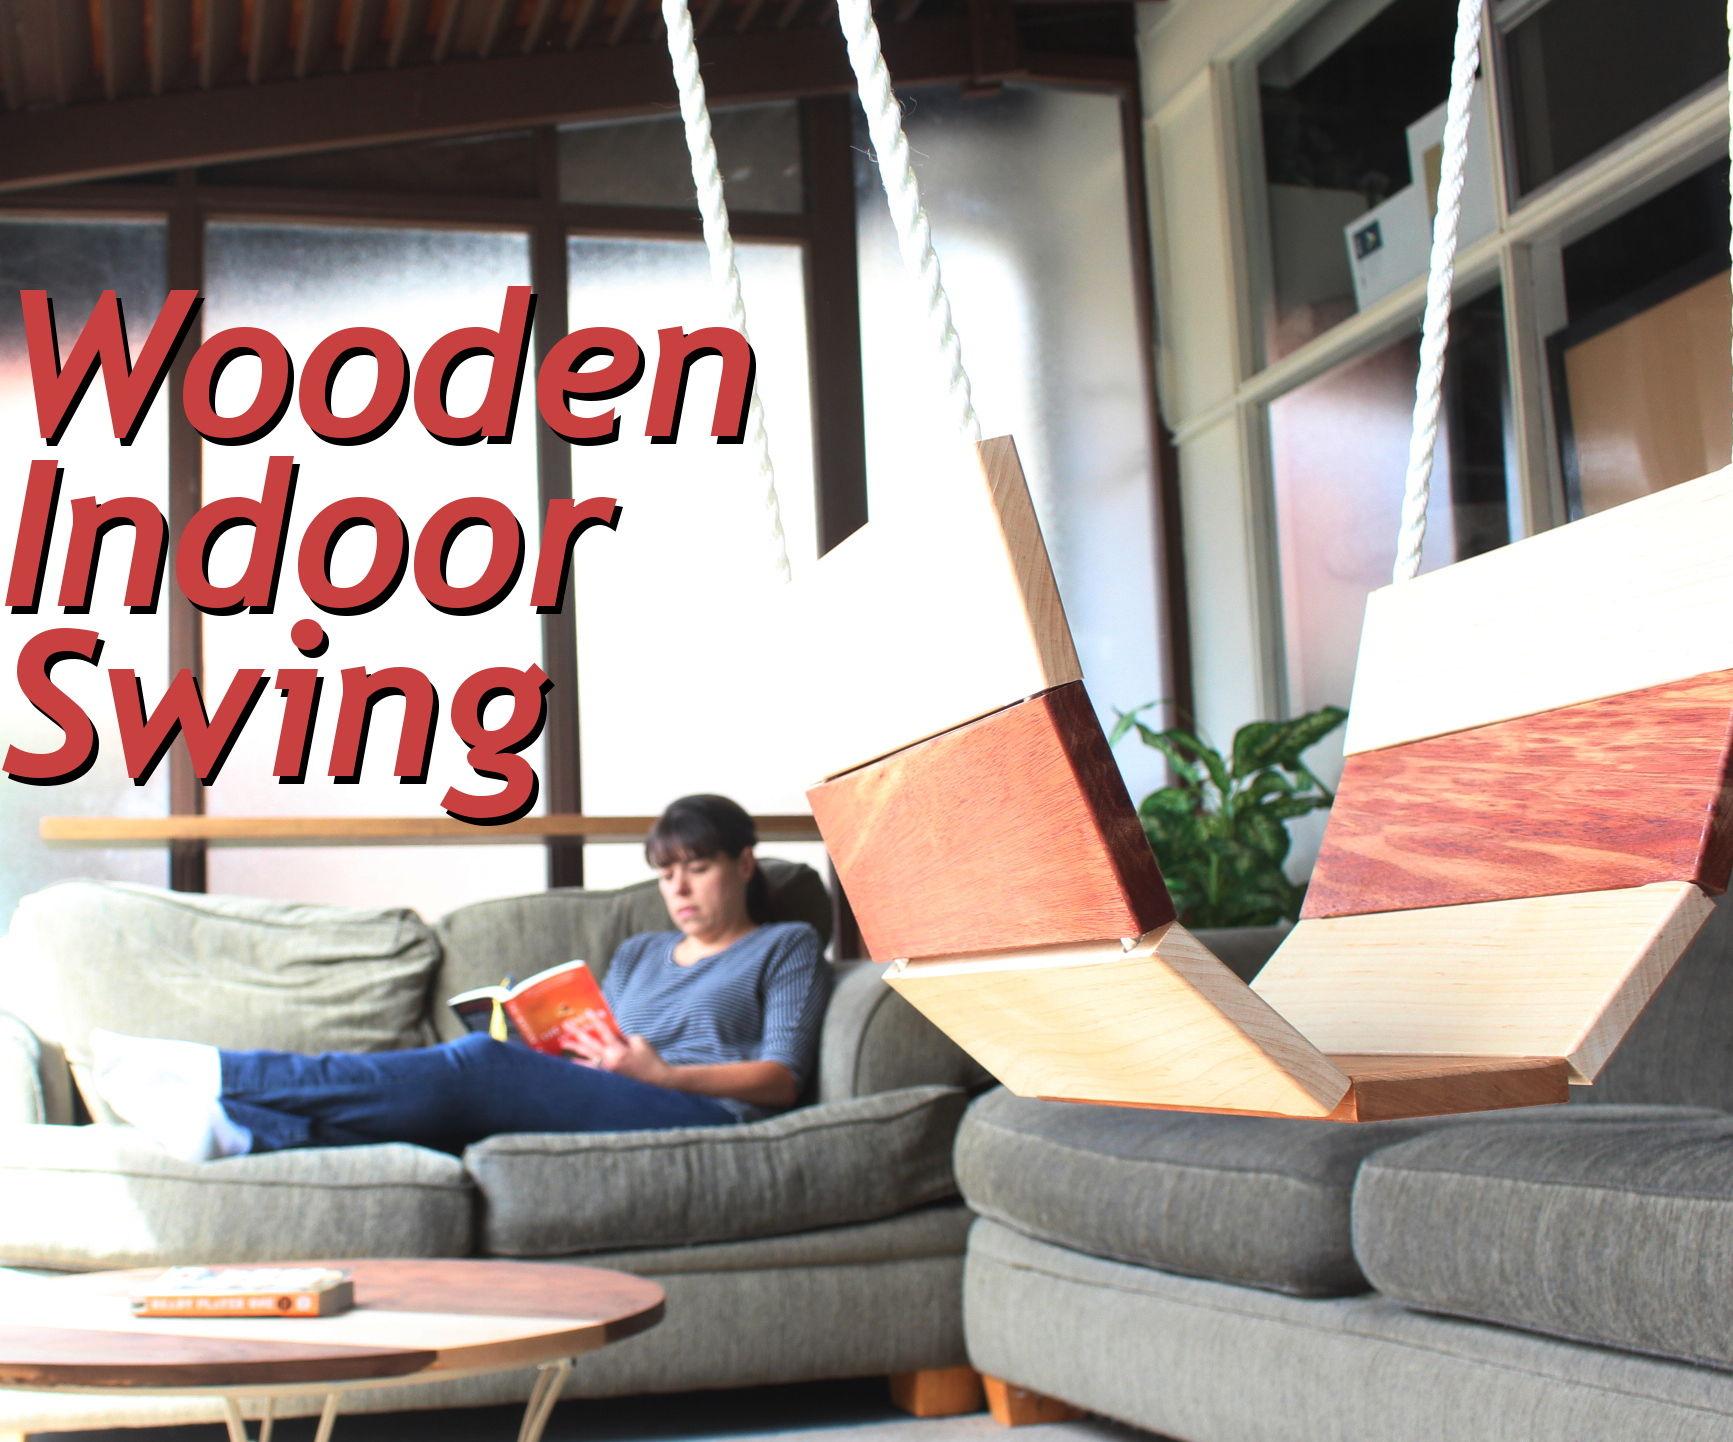 Wooden Indoor Swing